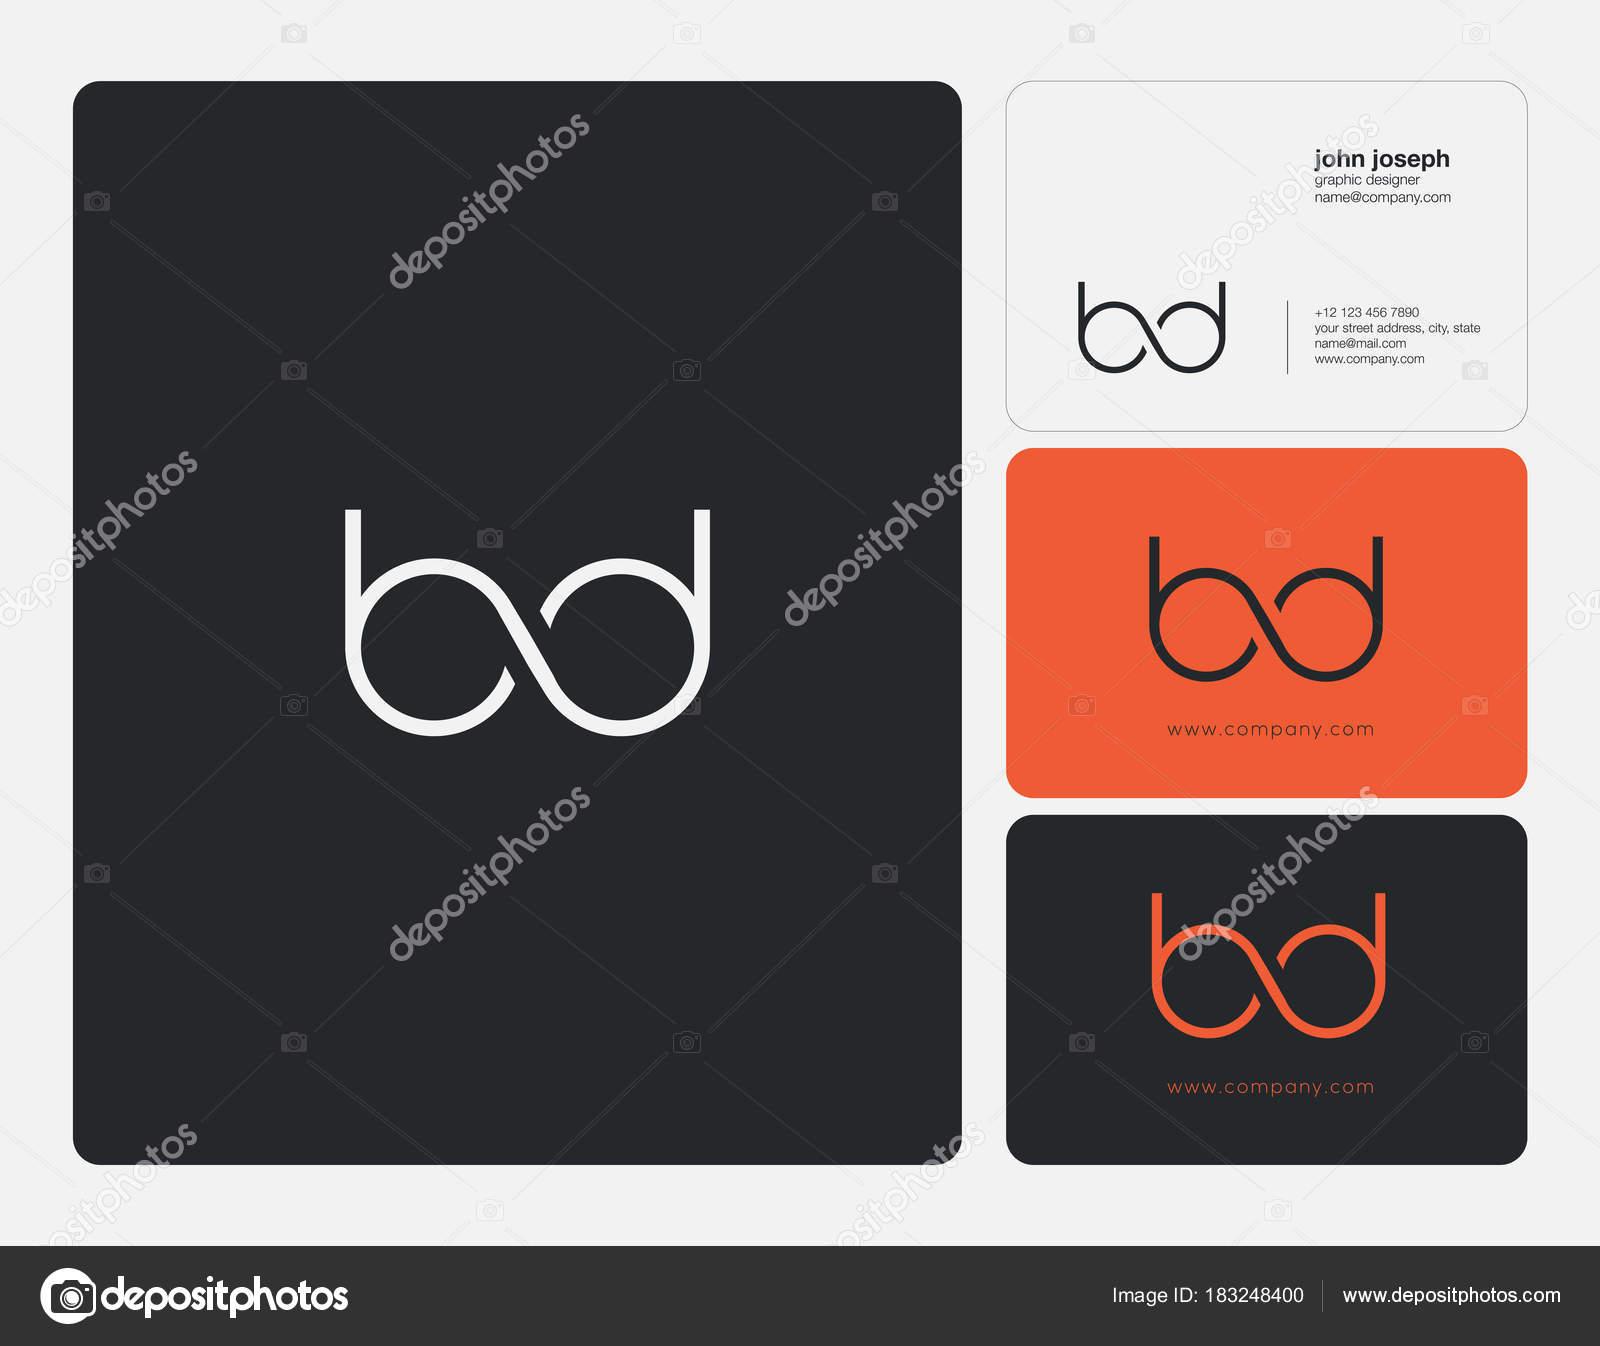 Lettres De BD Mixte Icne Du Logo Avec Modle Vecteur Carte Visite Par Ajayandzyngmail